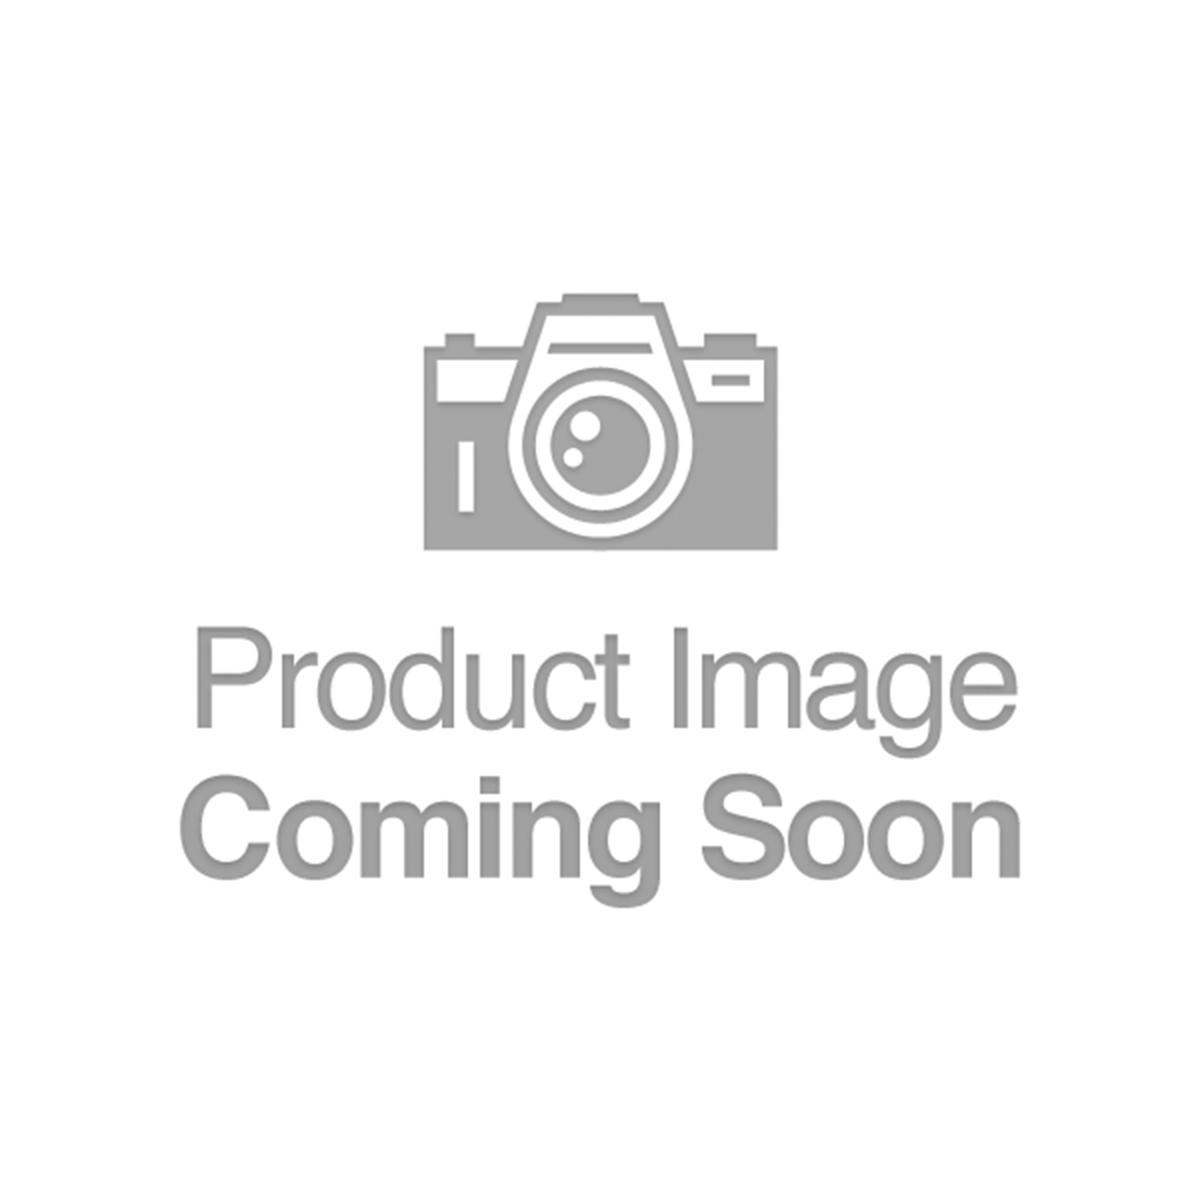 San Mateo – California – CH 9424 – FR 626 – PMG 25